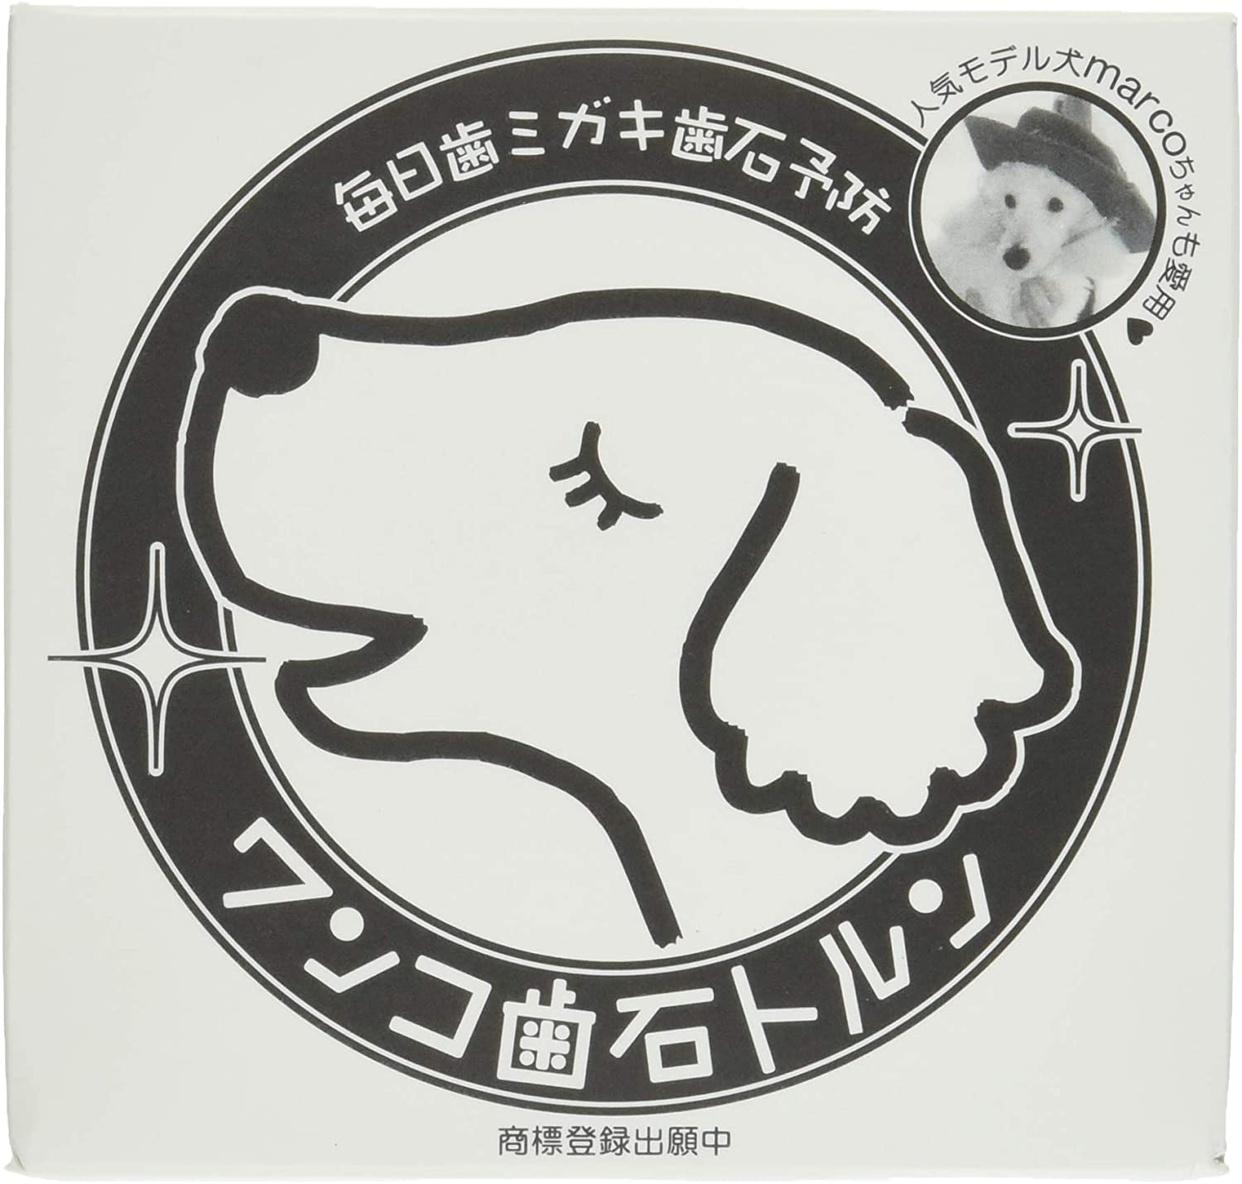 ふしみ和紙アート研究所 ワンコ歯石トルンの商品画像